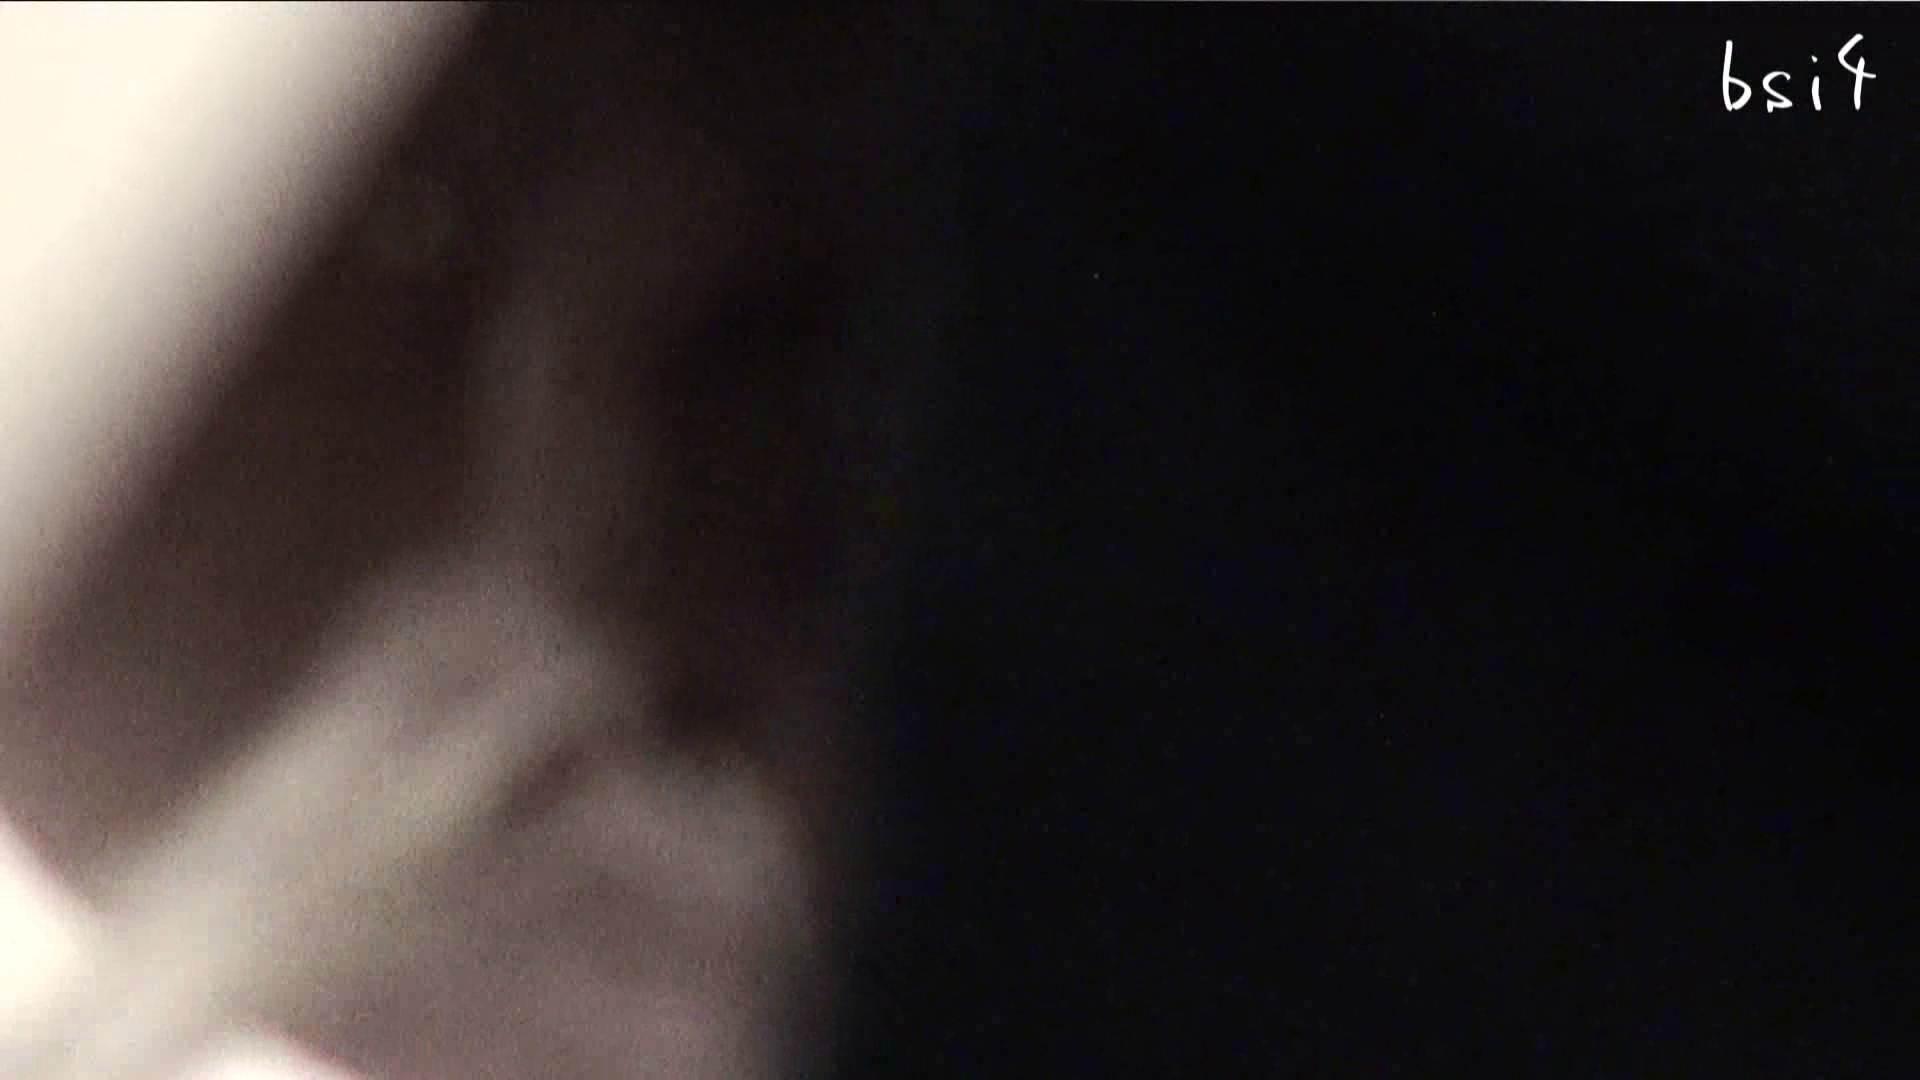 ナースのお小水 vol.004 ぱっくり下半身 セックス画像 52画像 41